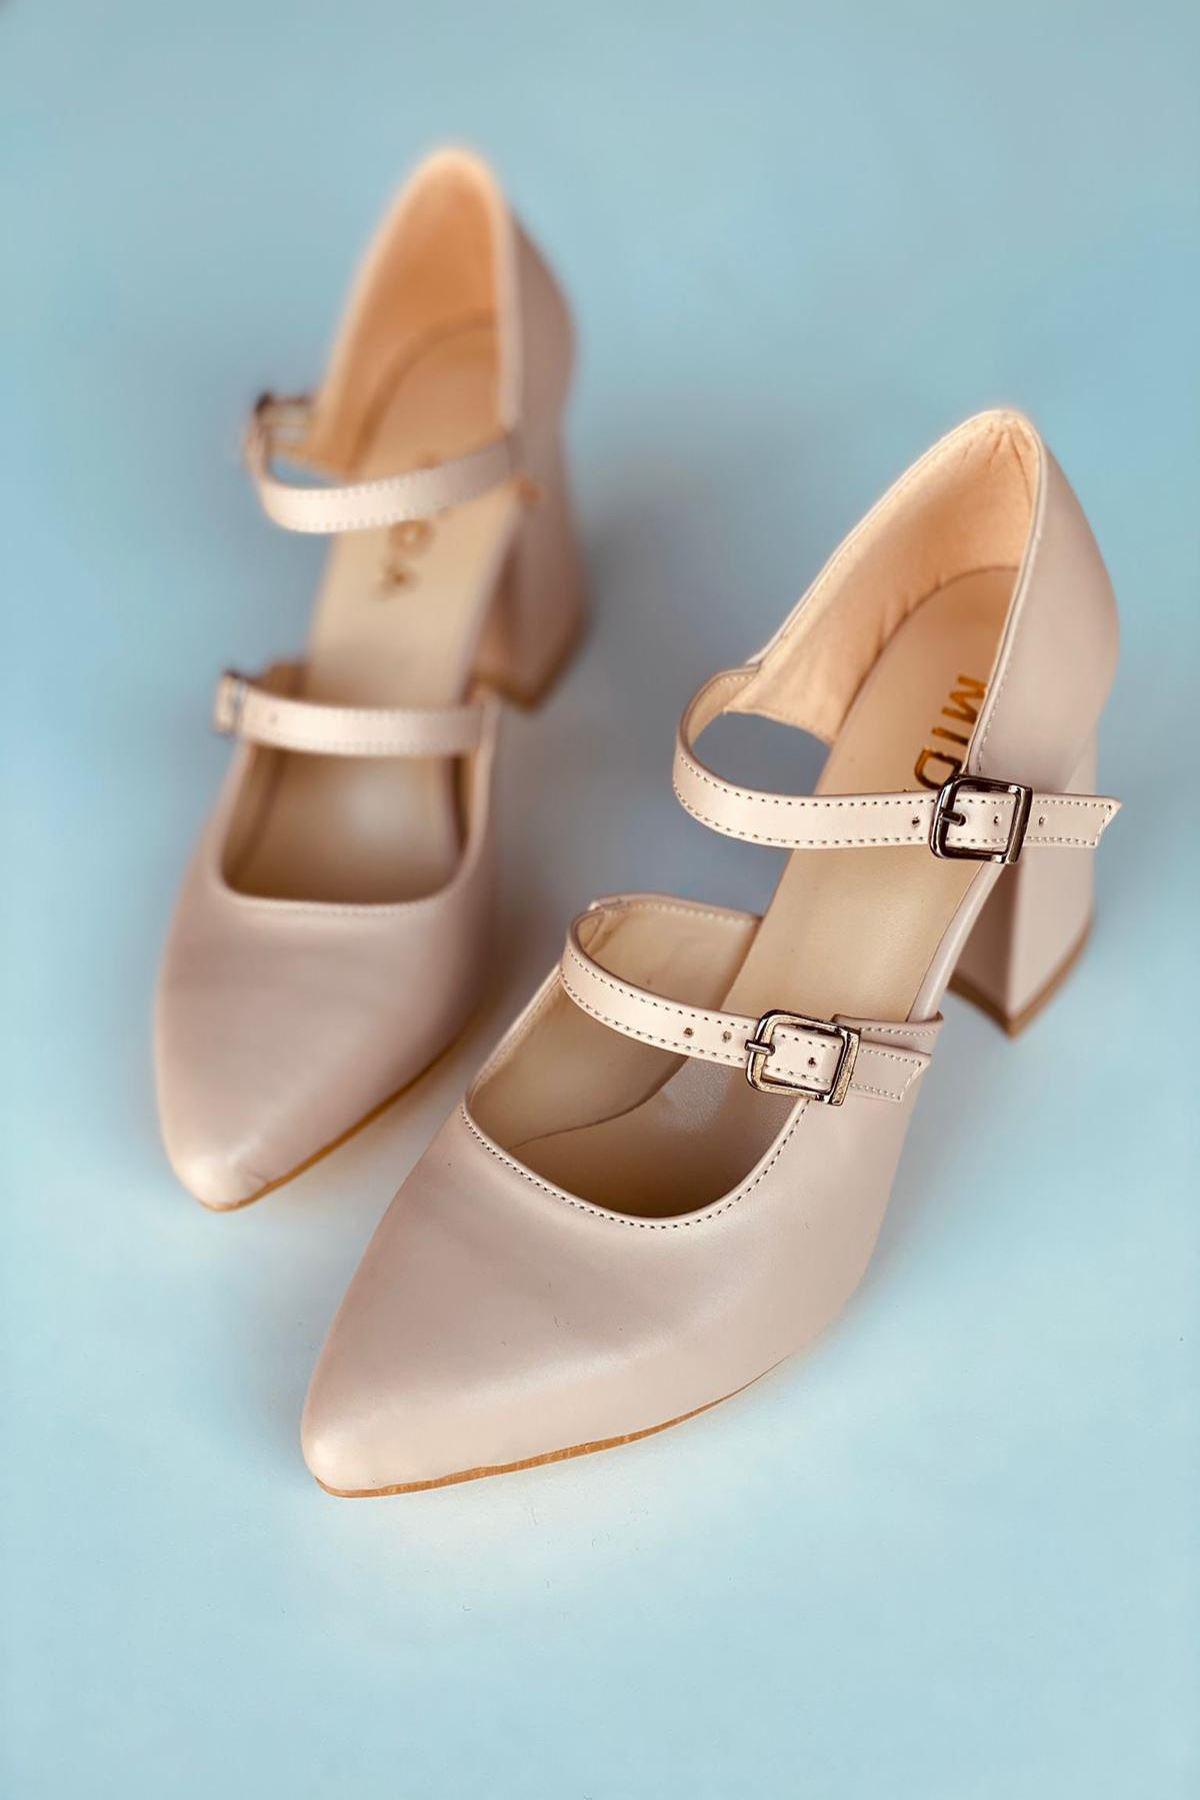 Y111 Ten Deri Topuklu Ayakkabı